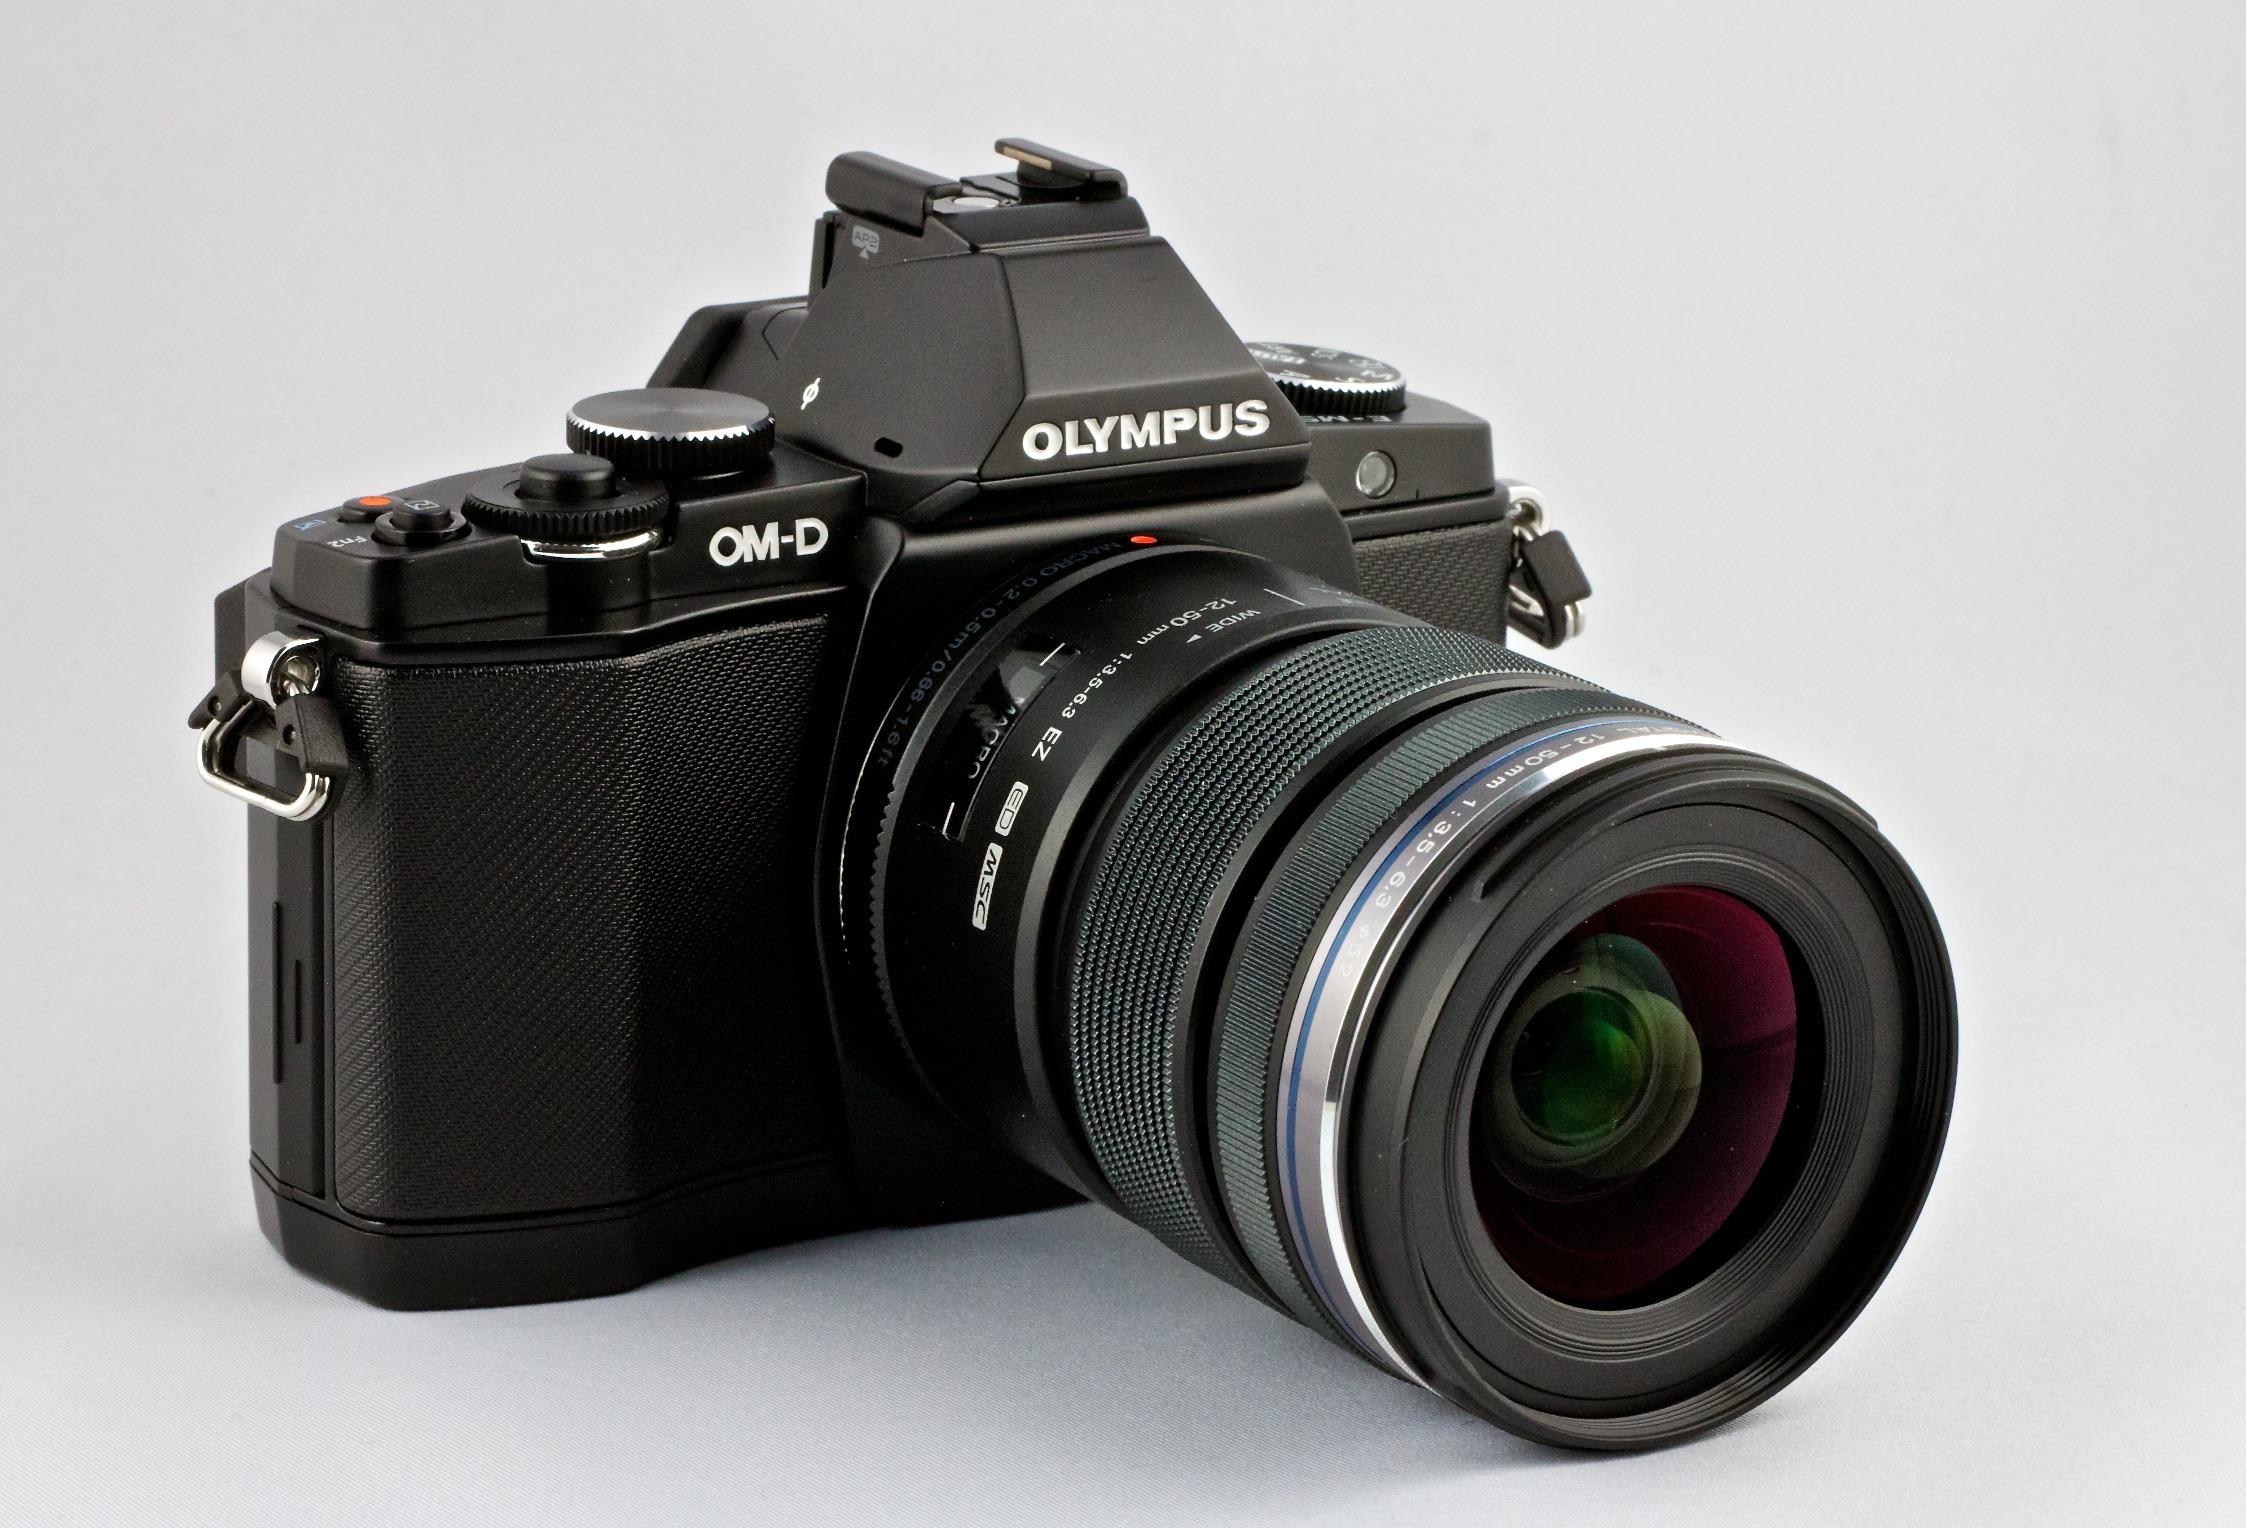 Olympus OM-D EM-5 Micro Four Thirds Compact System Camera ...